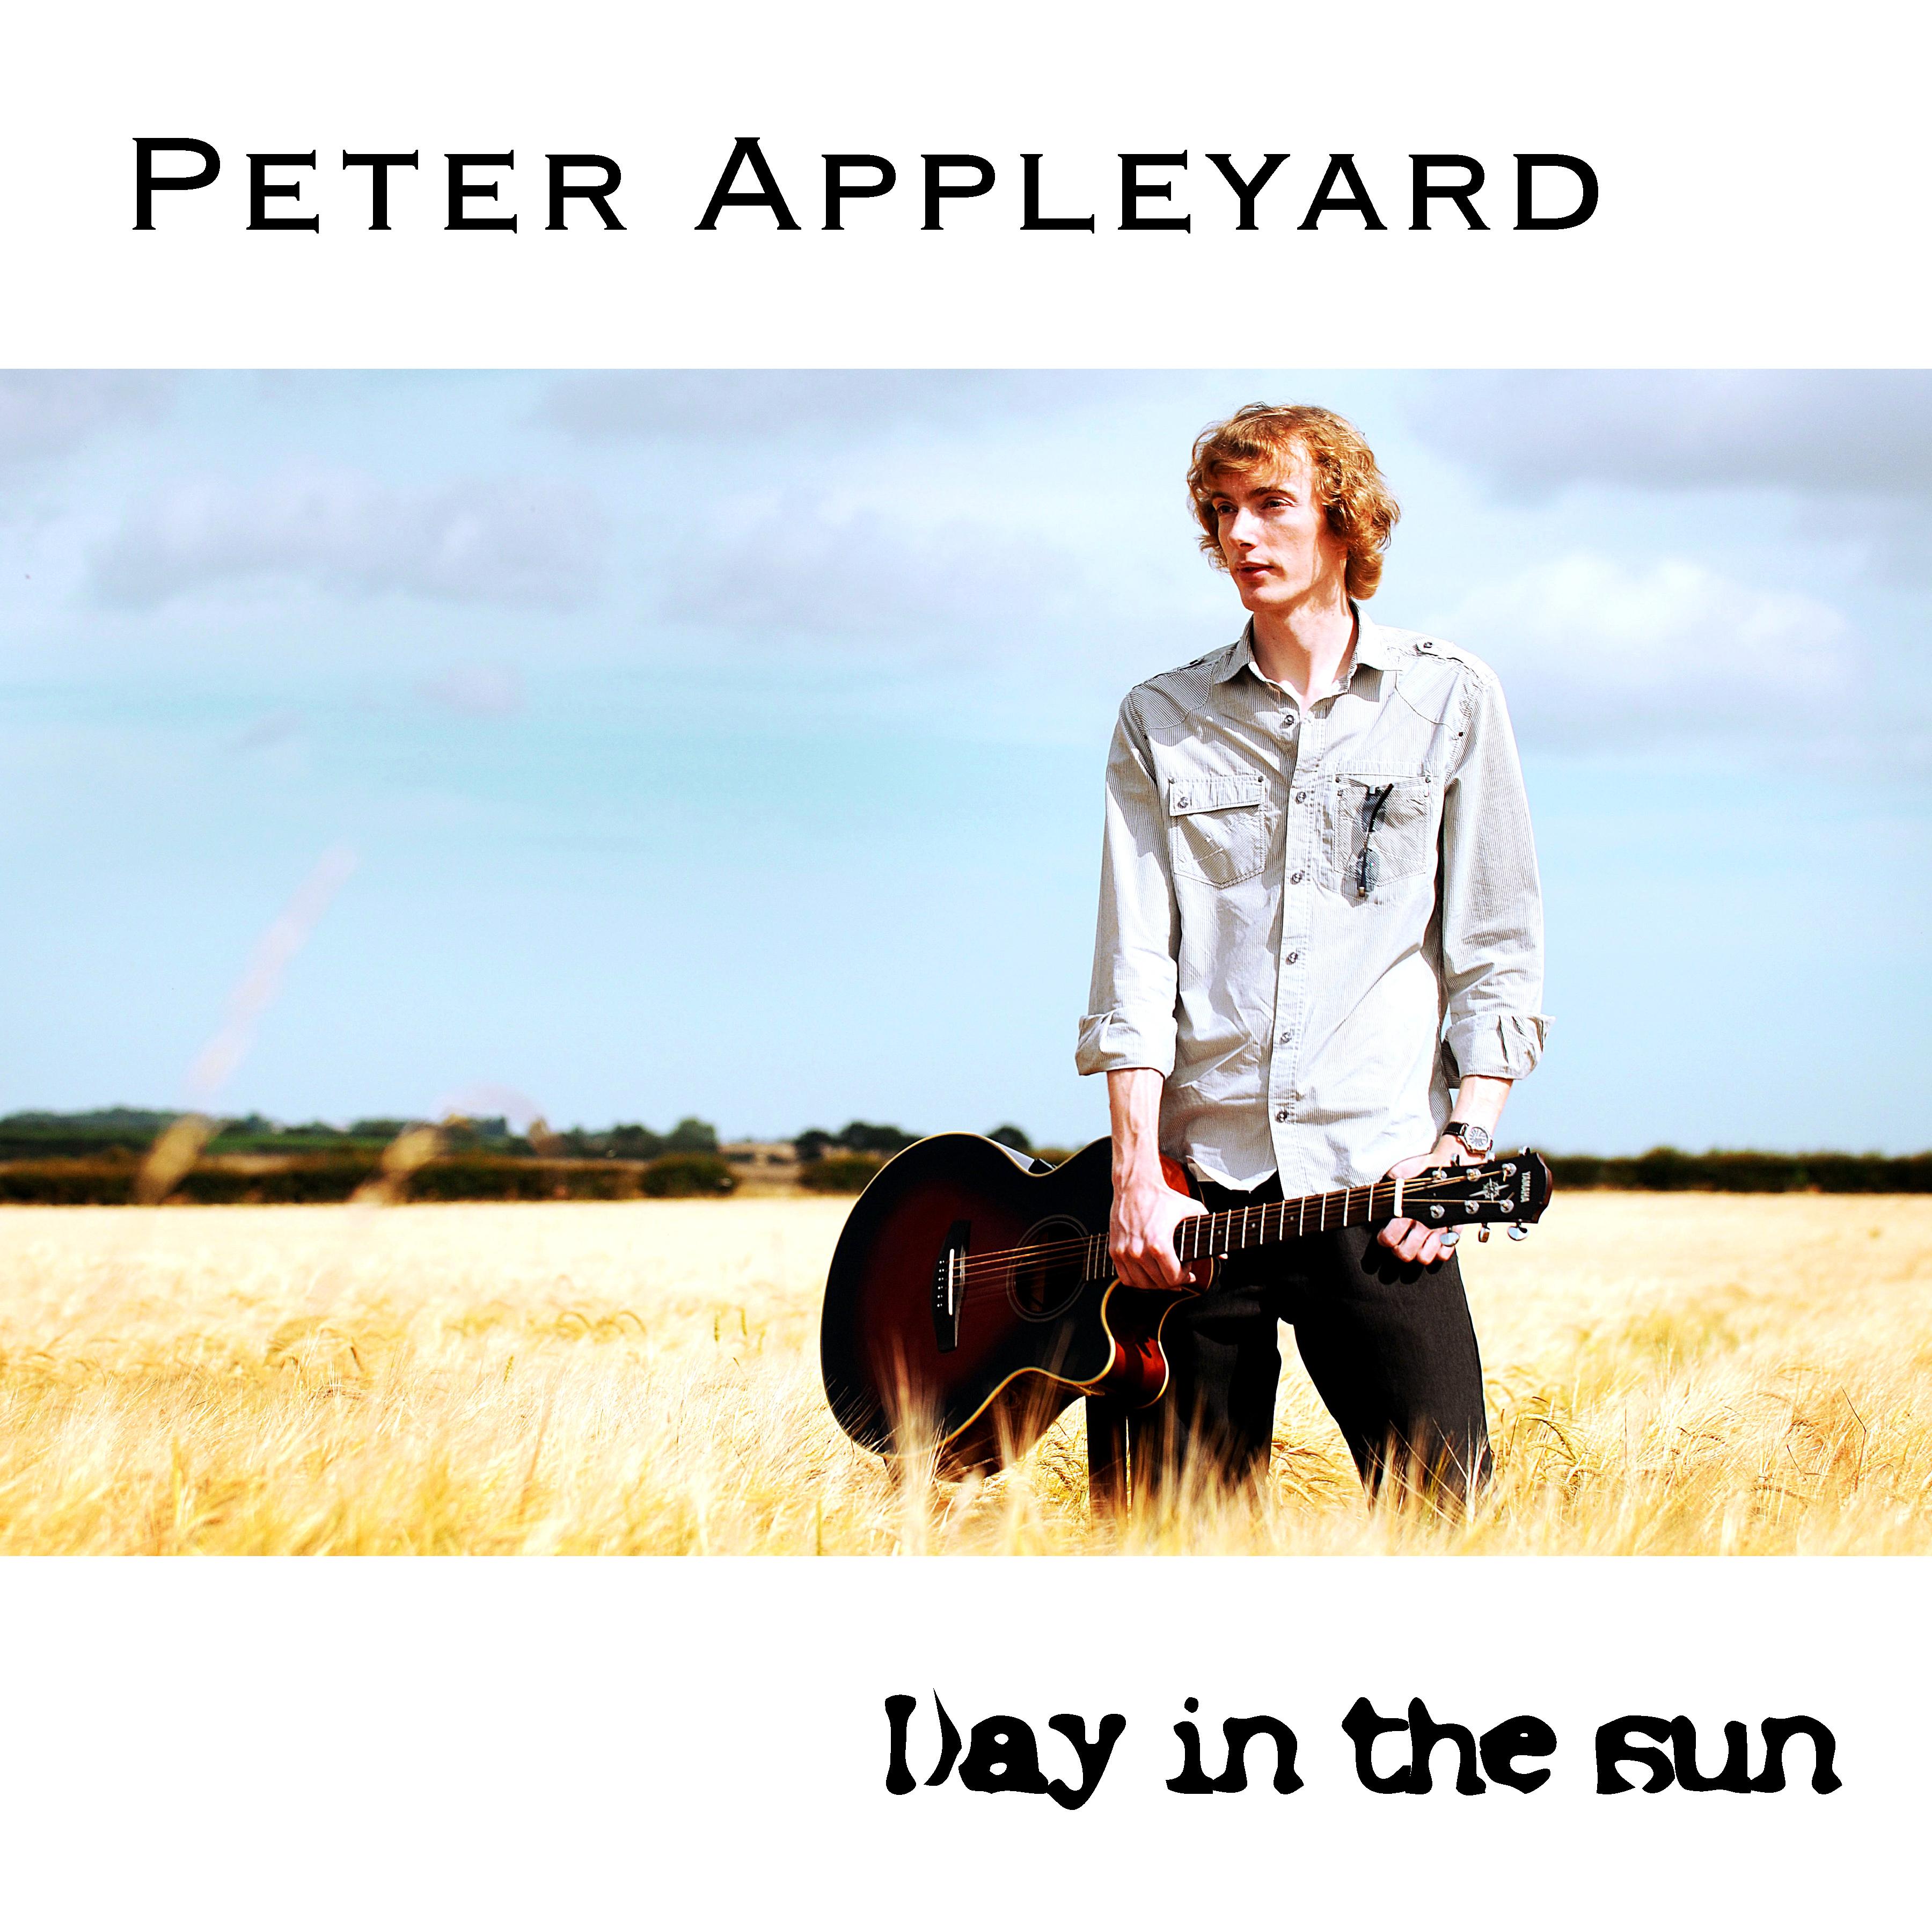 Day in the sun - CD album - Peter Appleyard